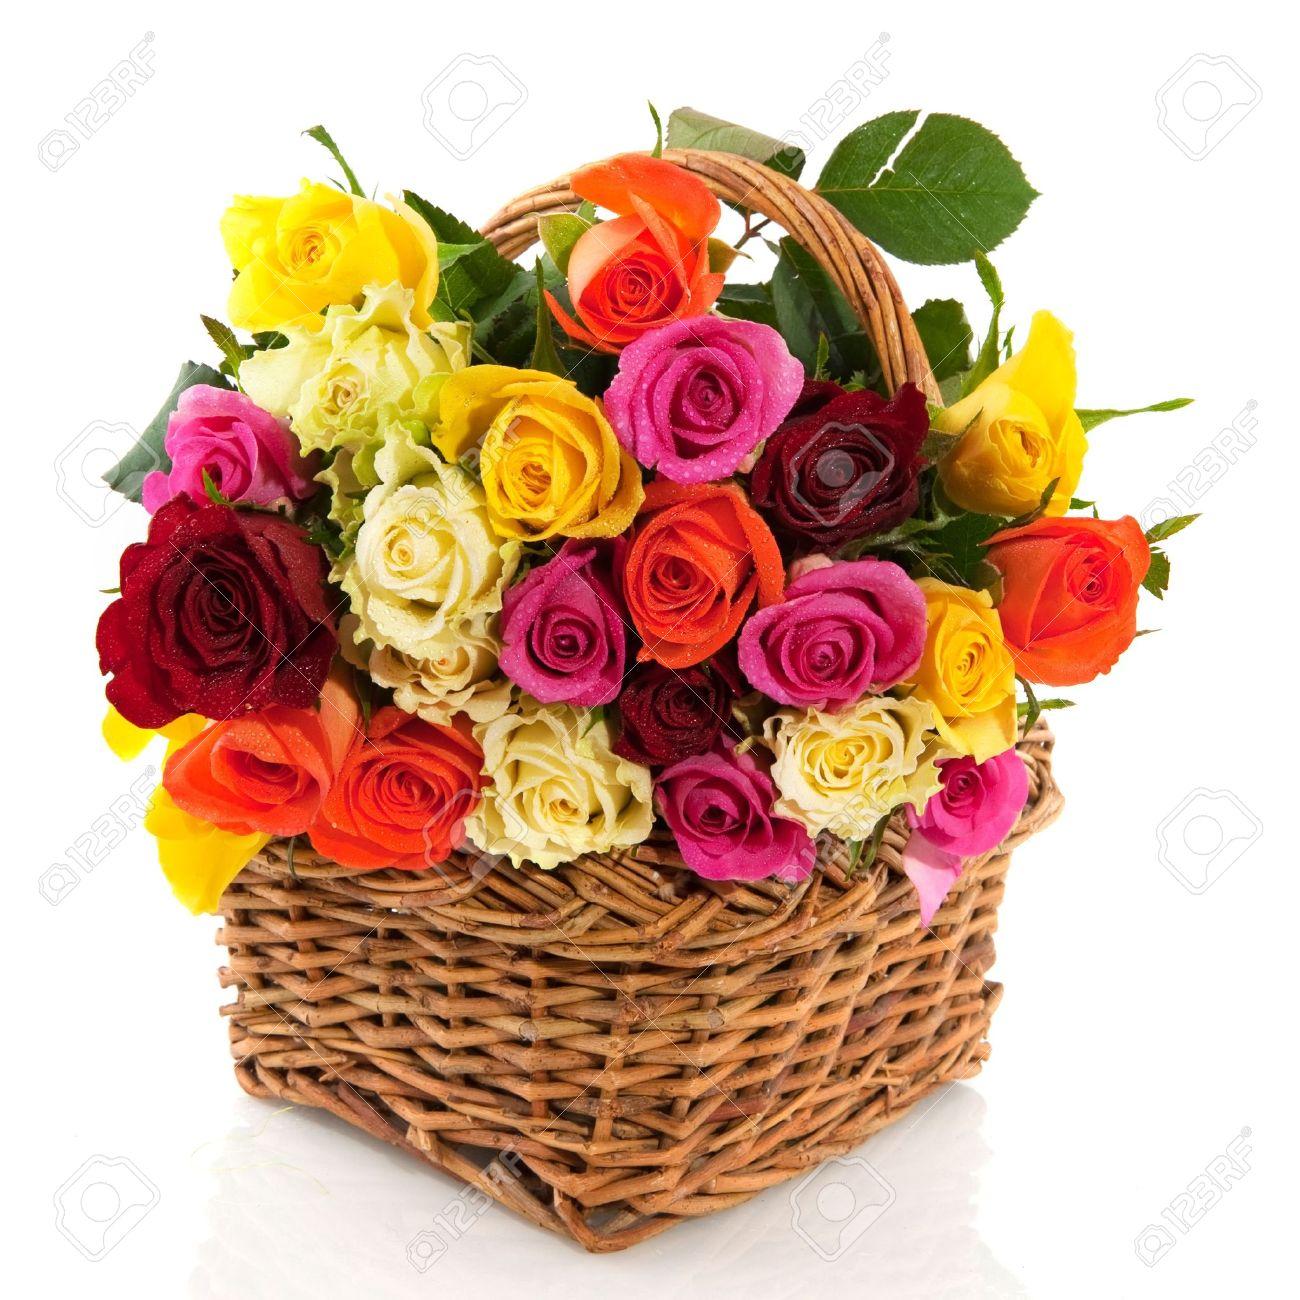 Panier Avec Un Bouquet De Roses Multicolores Isole Sur Blanc Banque